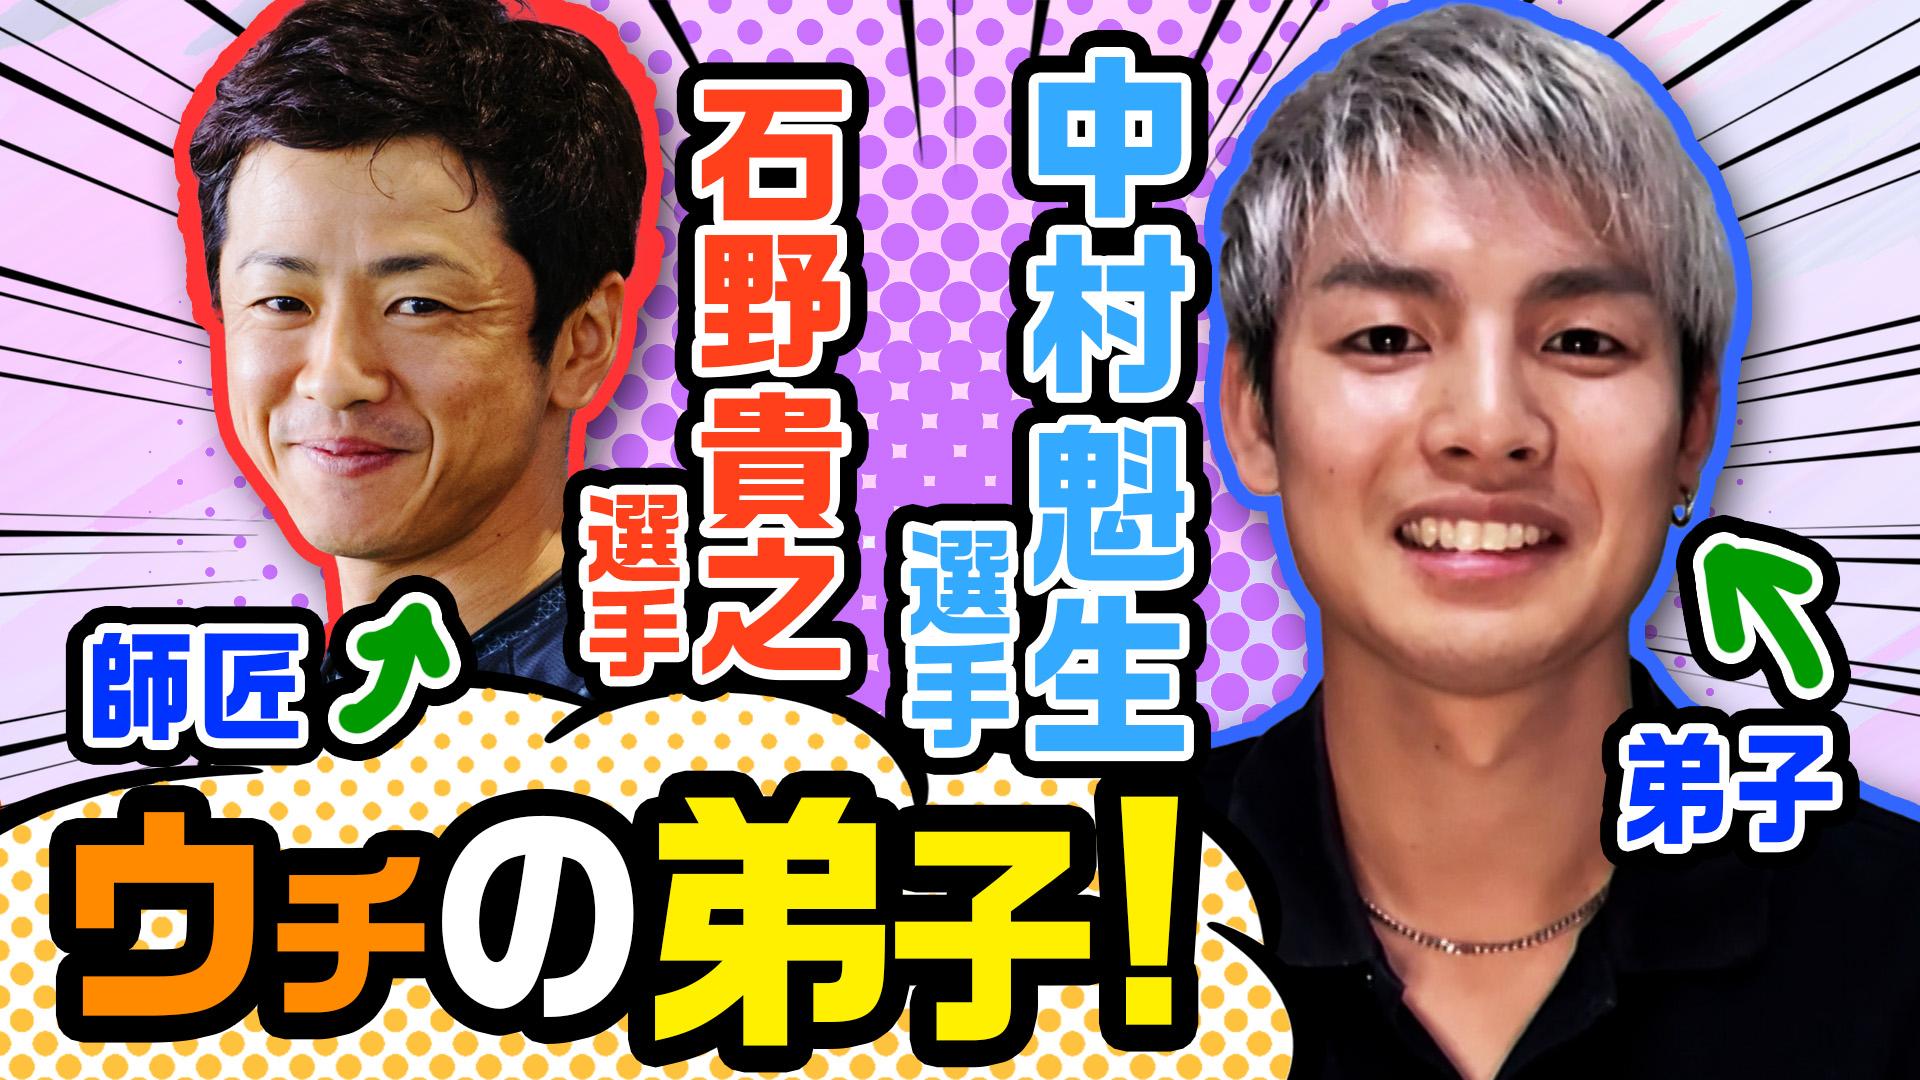 『ウチの弟子!』第8弾の師匠×弟子は、石野貴之選手と中村魁生選手が登場します。グランプリ覇者の石野選手が、中村選手にボートレースの極意を伝えます! |ボートレース